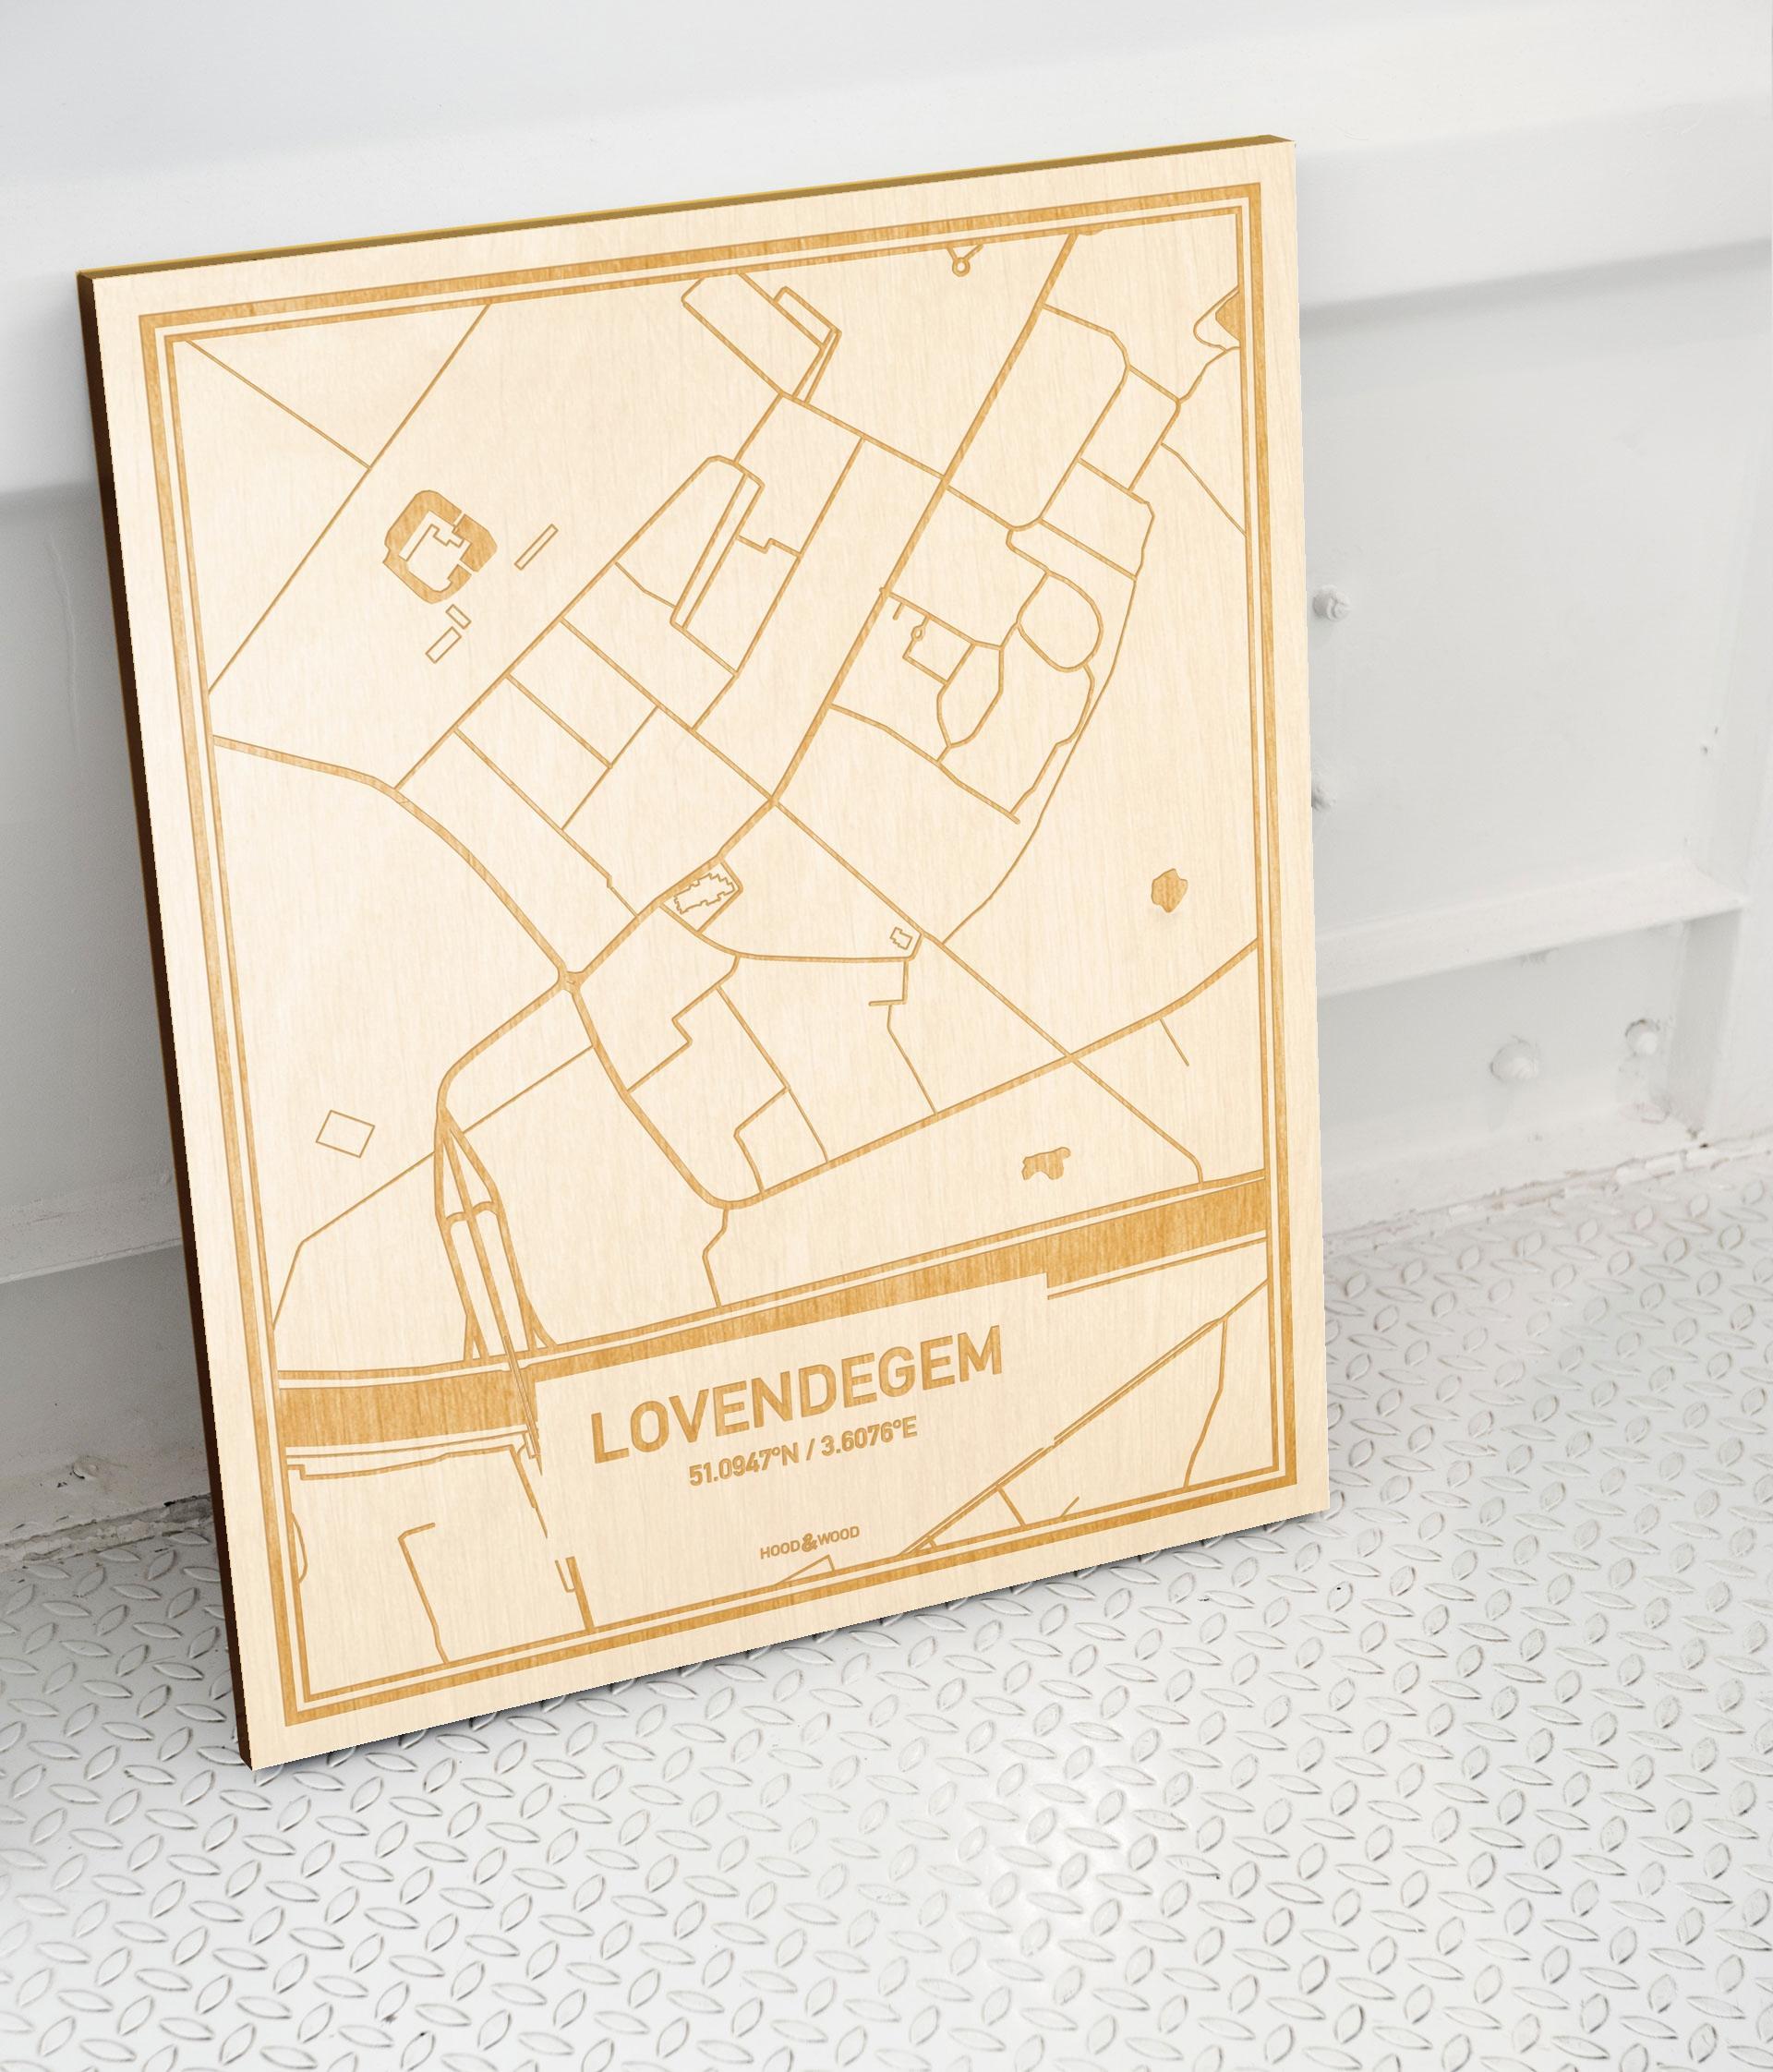 Plattegrond Lovendegem als prachtige houten wanddecoratie. Het warme hout contrasteert mooi met de witte muur.